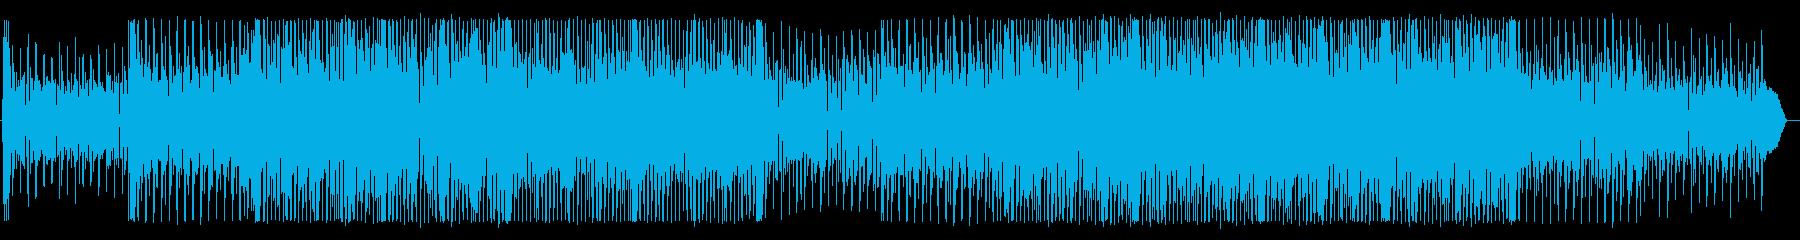 CMにぴったりの明るいロックBGMの再生済みの波形